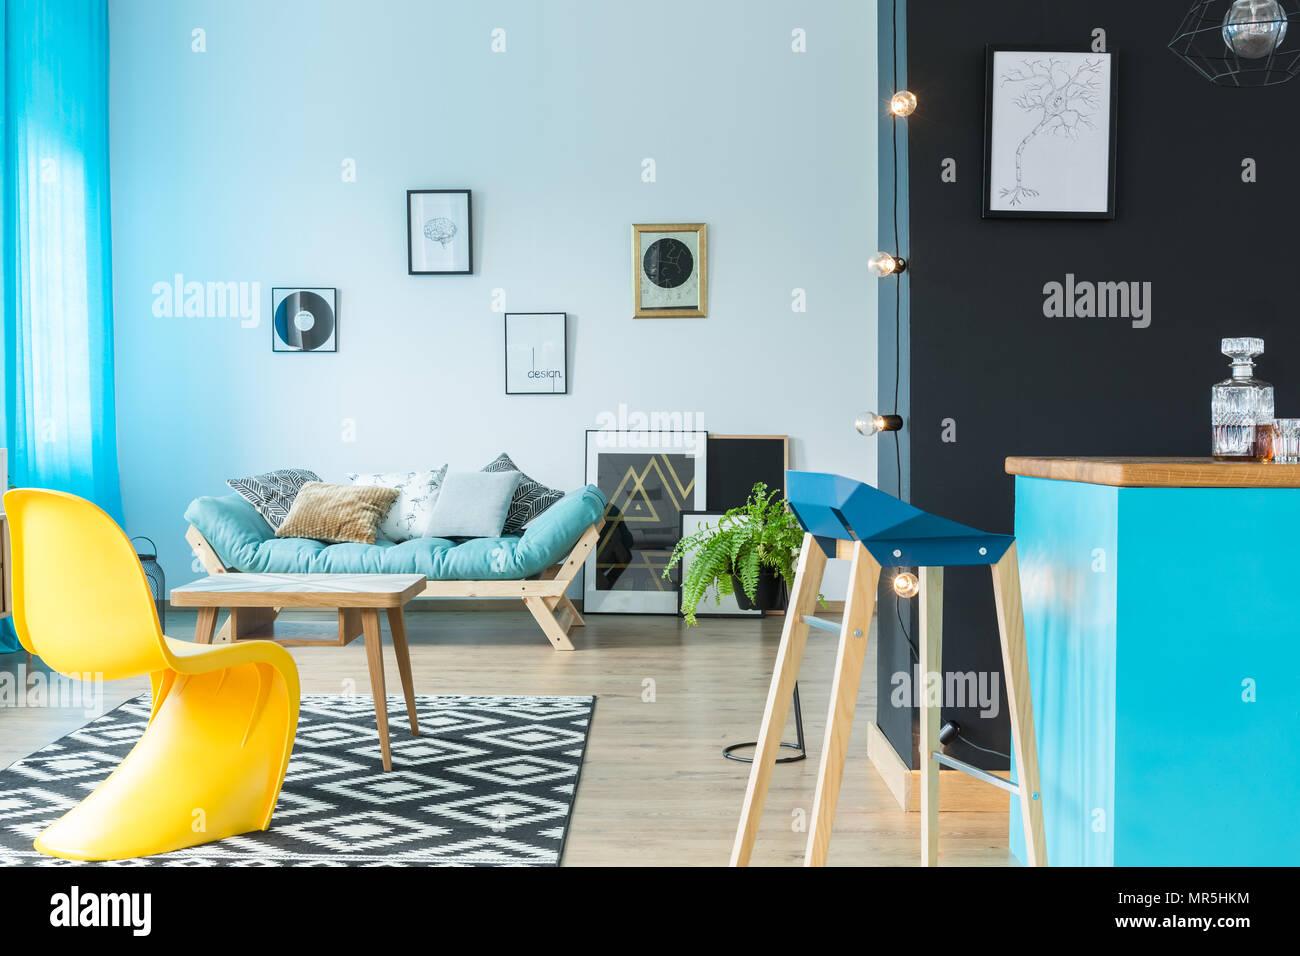 Designer moderno sgabello in cucina blu isola nel colorato soggiorno